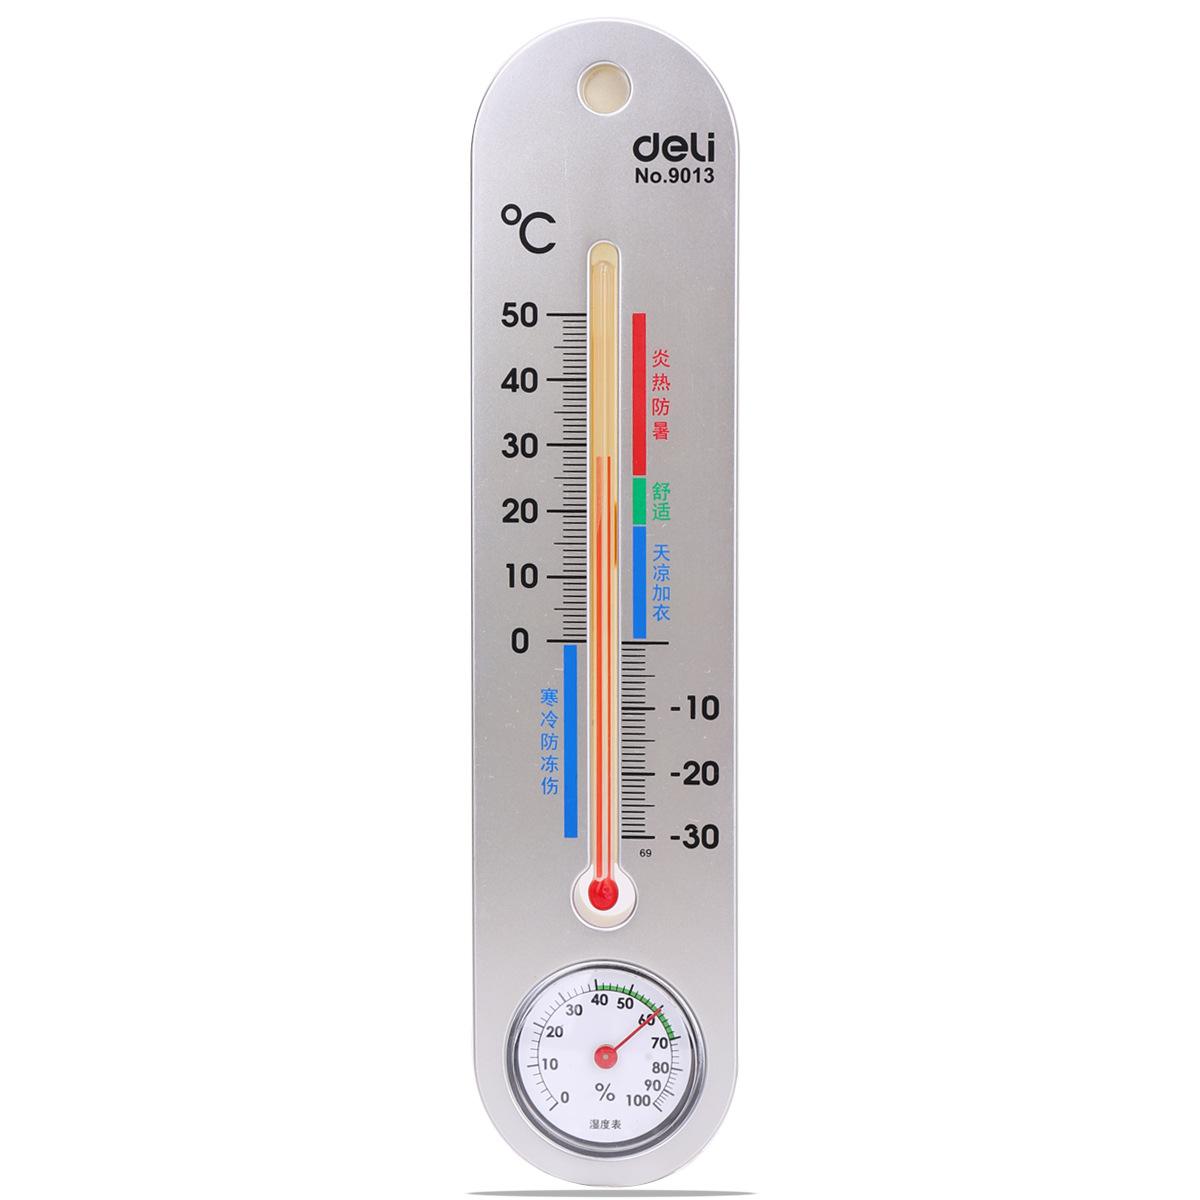 DELI Đồng hồ đo nhiệt độ , độ ẩm  Đồng hồ đo nhiệt độ và độ ẩm của Deli 9013 Nhiệt kế trong nhà và n